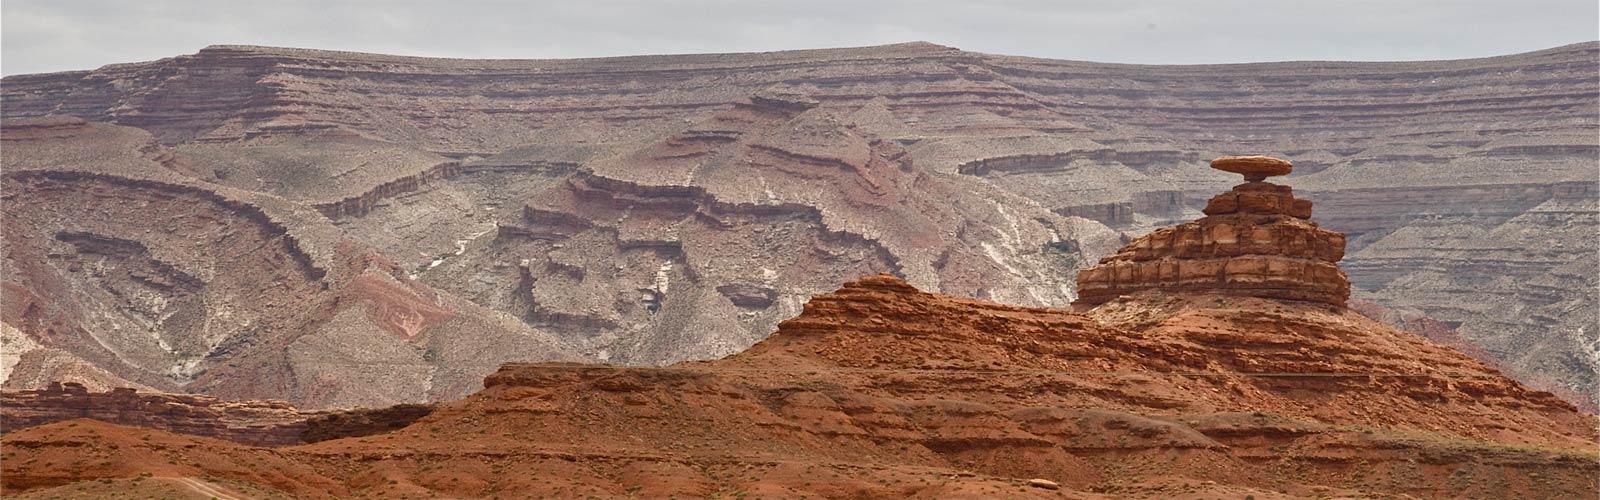 UtahCliff